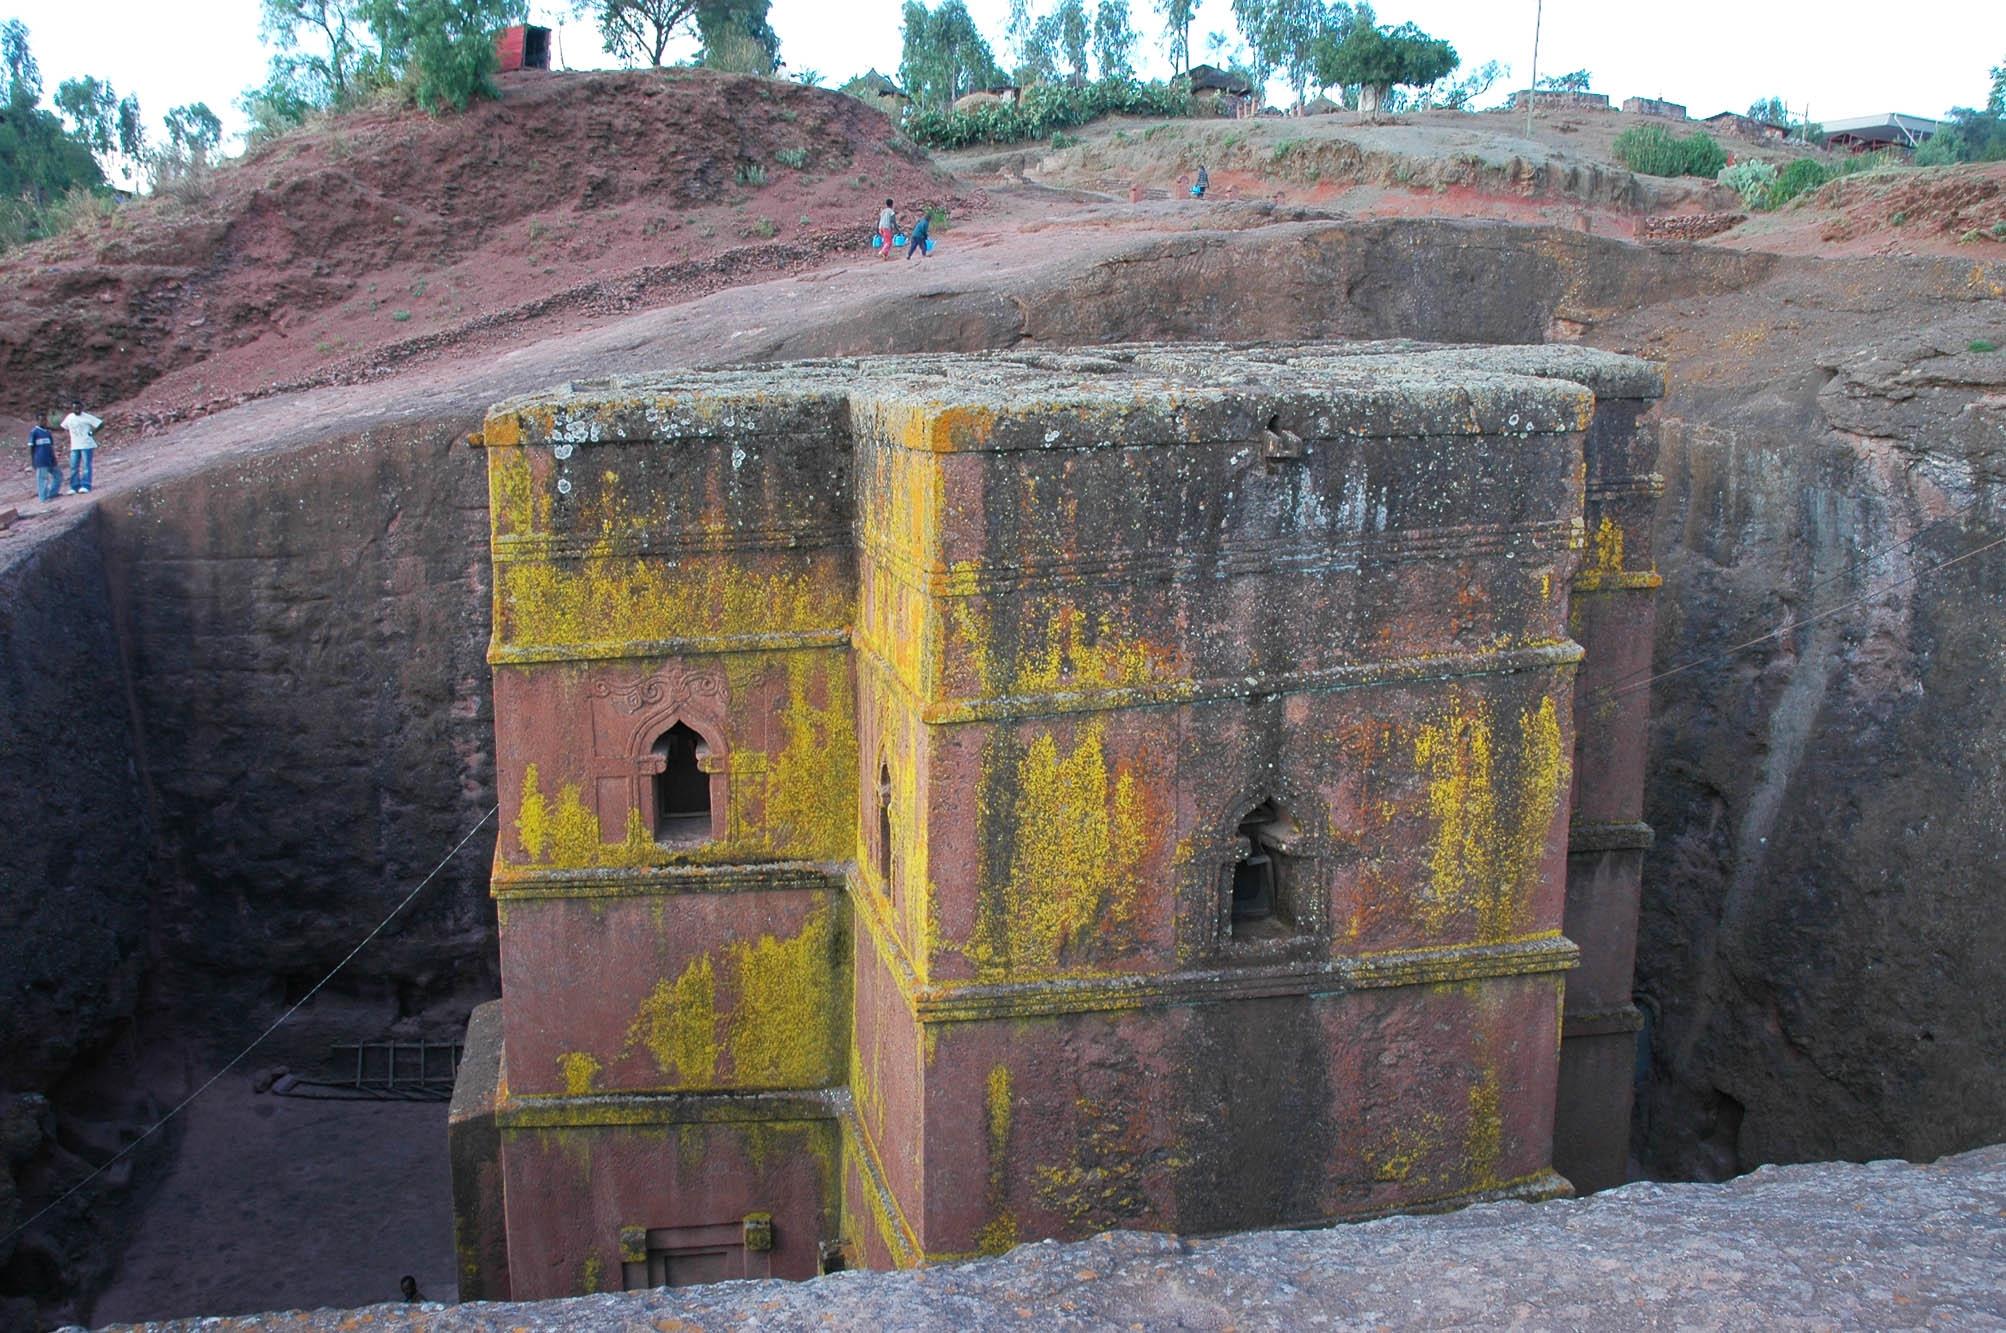 Lalibela (Ethiopie). L'église Beta Giyorgis, comme les dix autres églises monolithes de ce site, a été creusée dans des anciennes scories basaltiques consolidées. Cliché L. Bruxelles/Inrap et CFEE